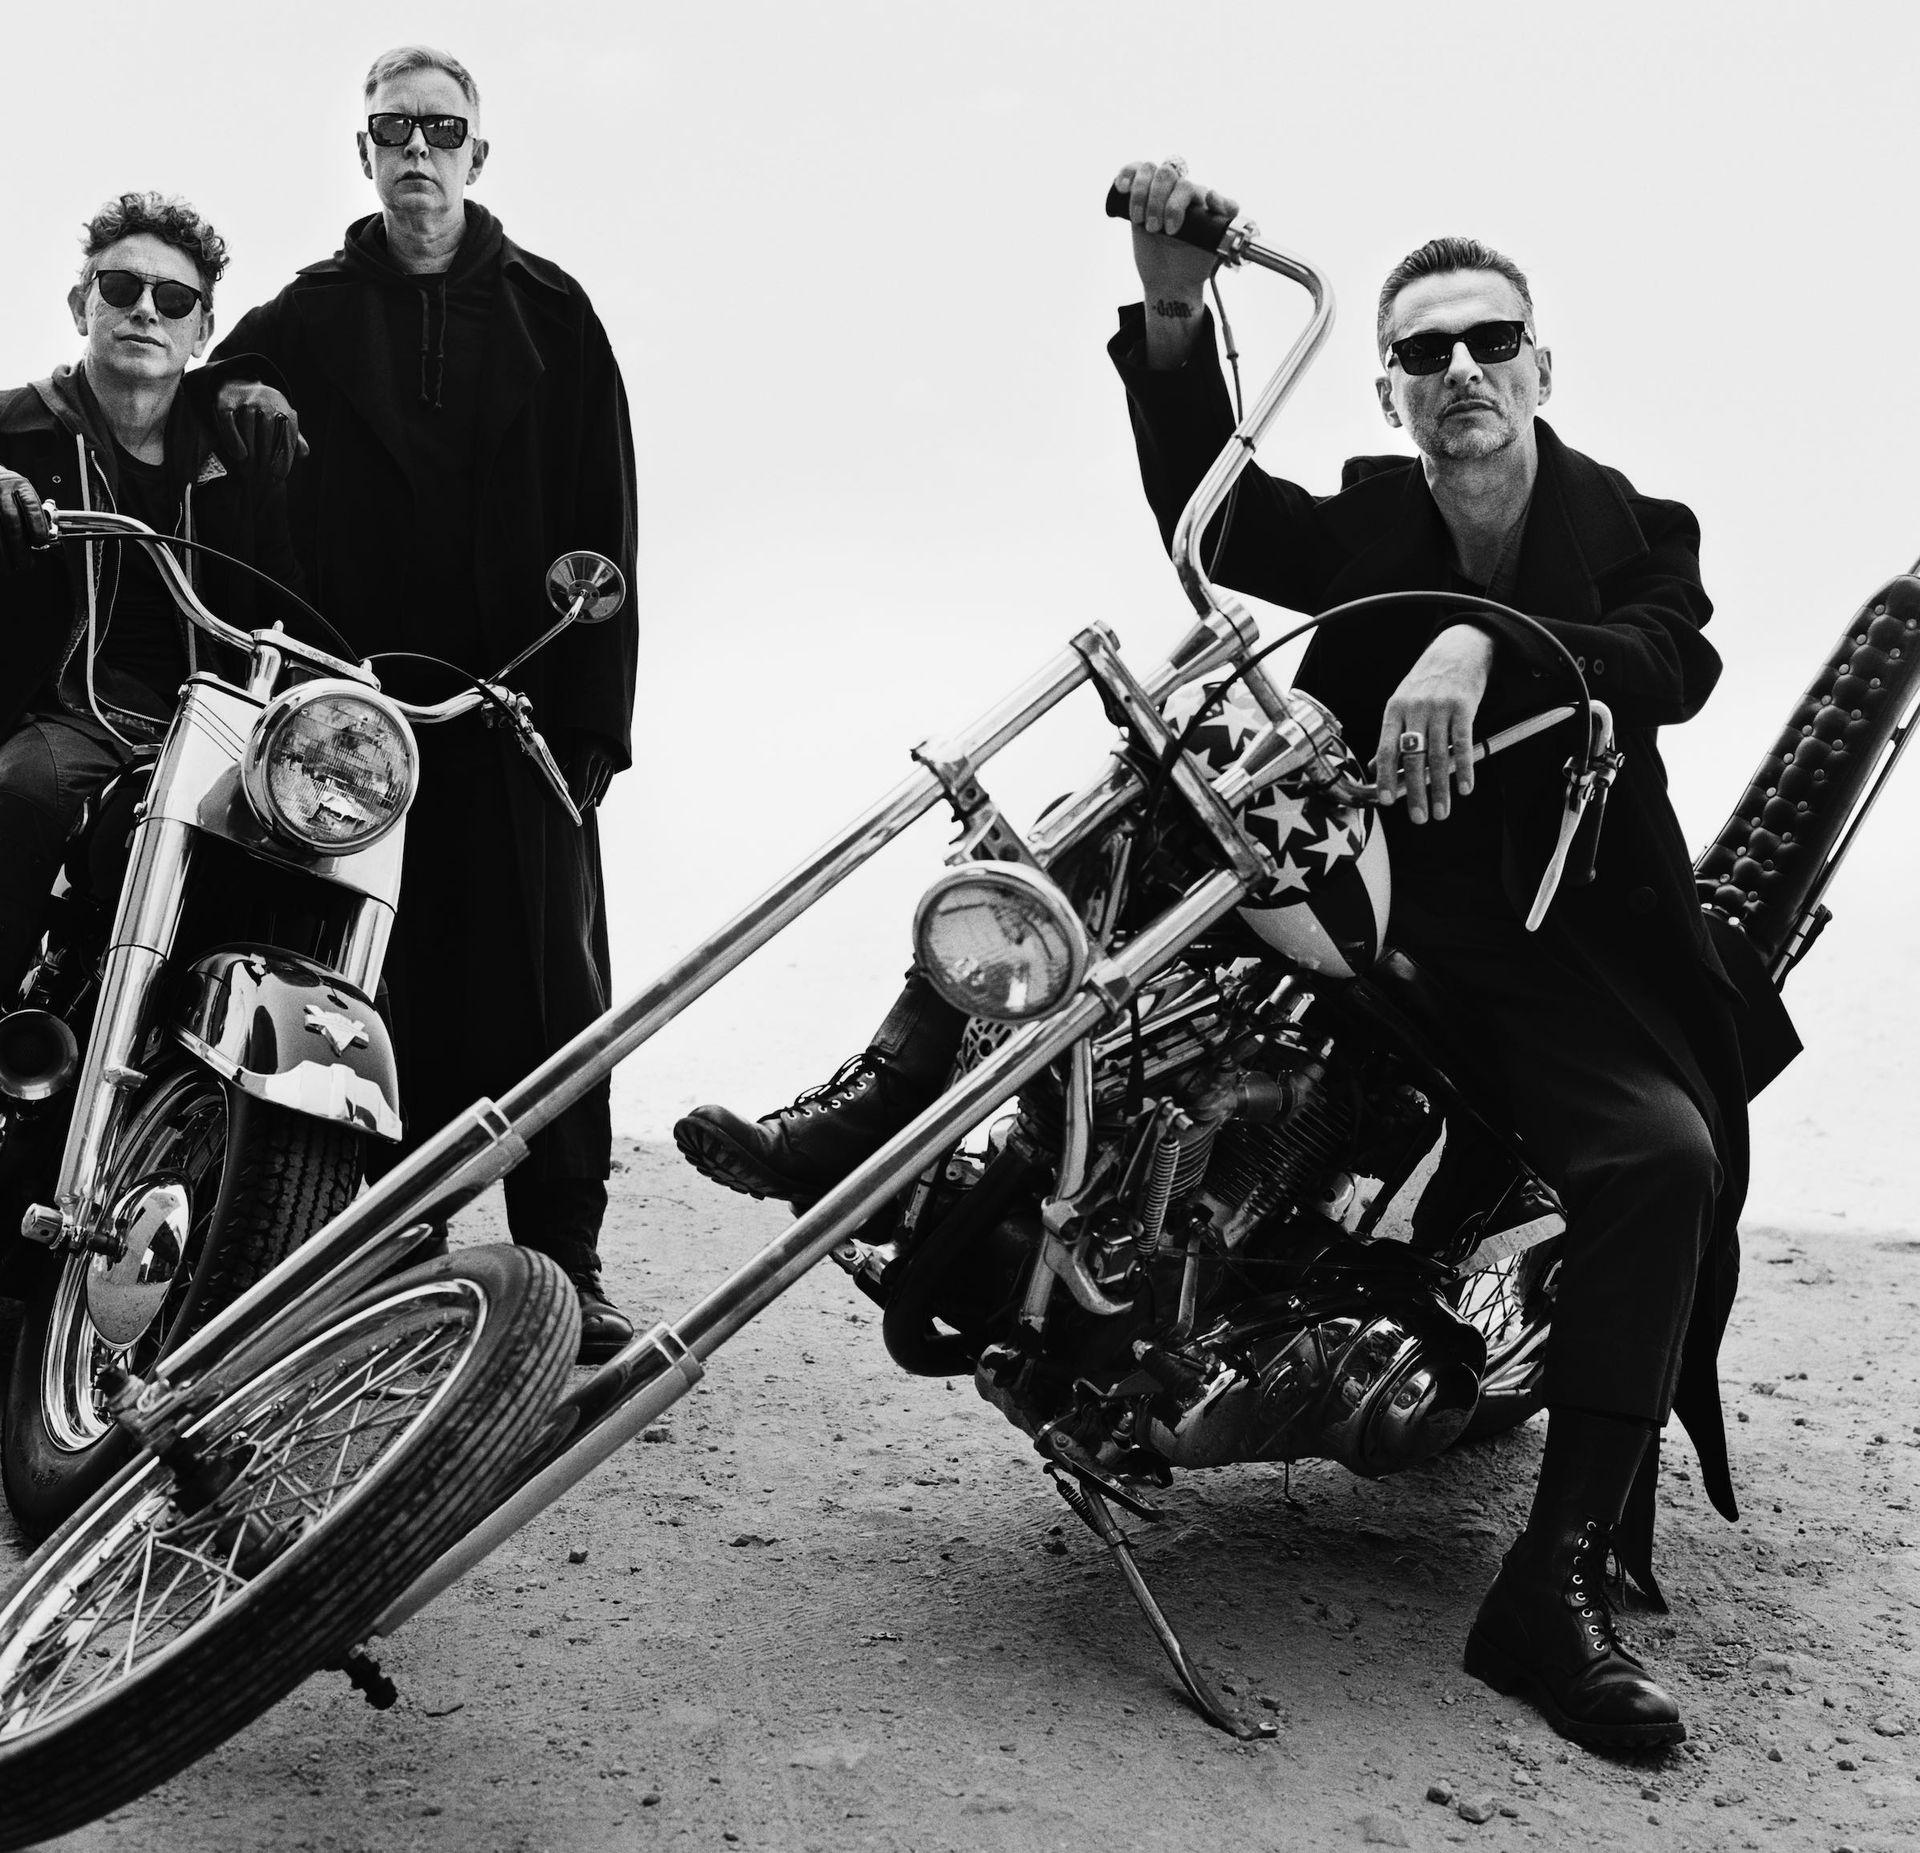 La Guida - I Depeche Mode a Collisioni 2018